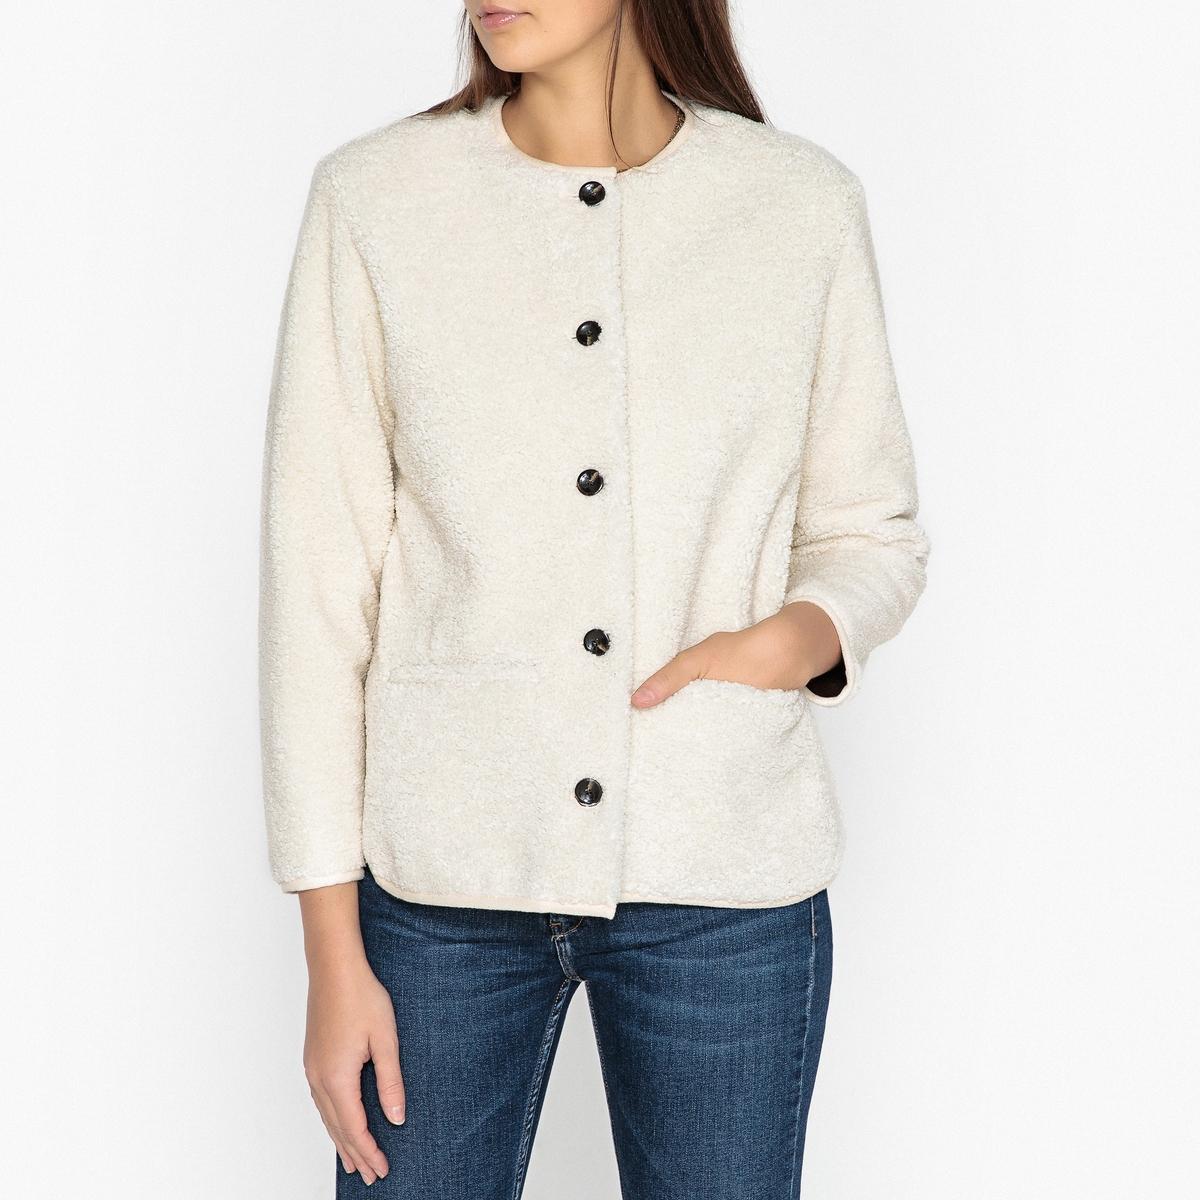 Жакет прямого покроя ENZO рубашка прямого покроя большого размера с контрастными пуговицами